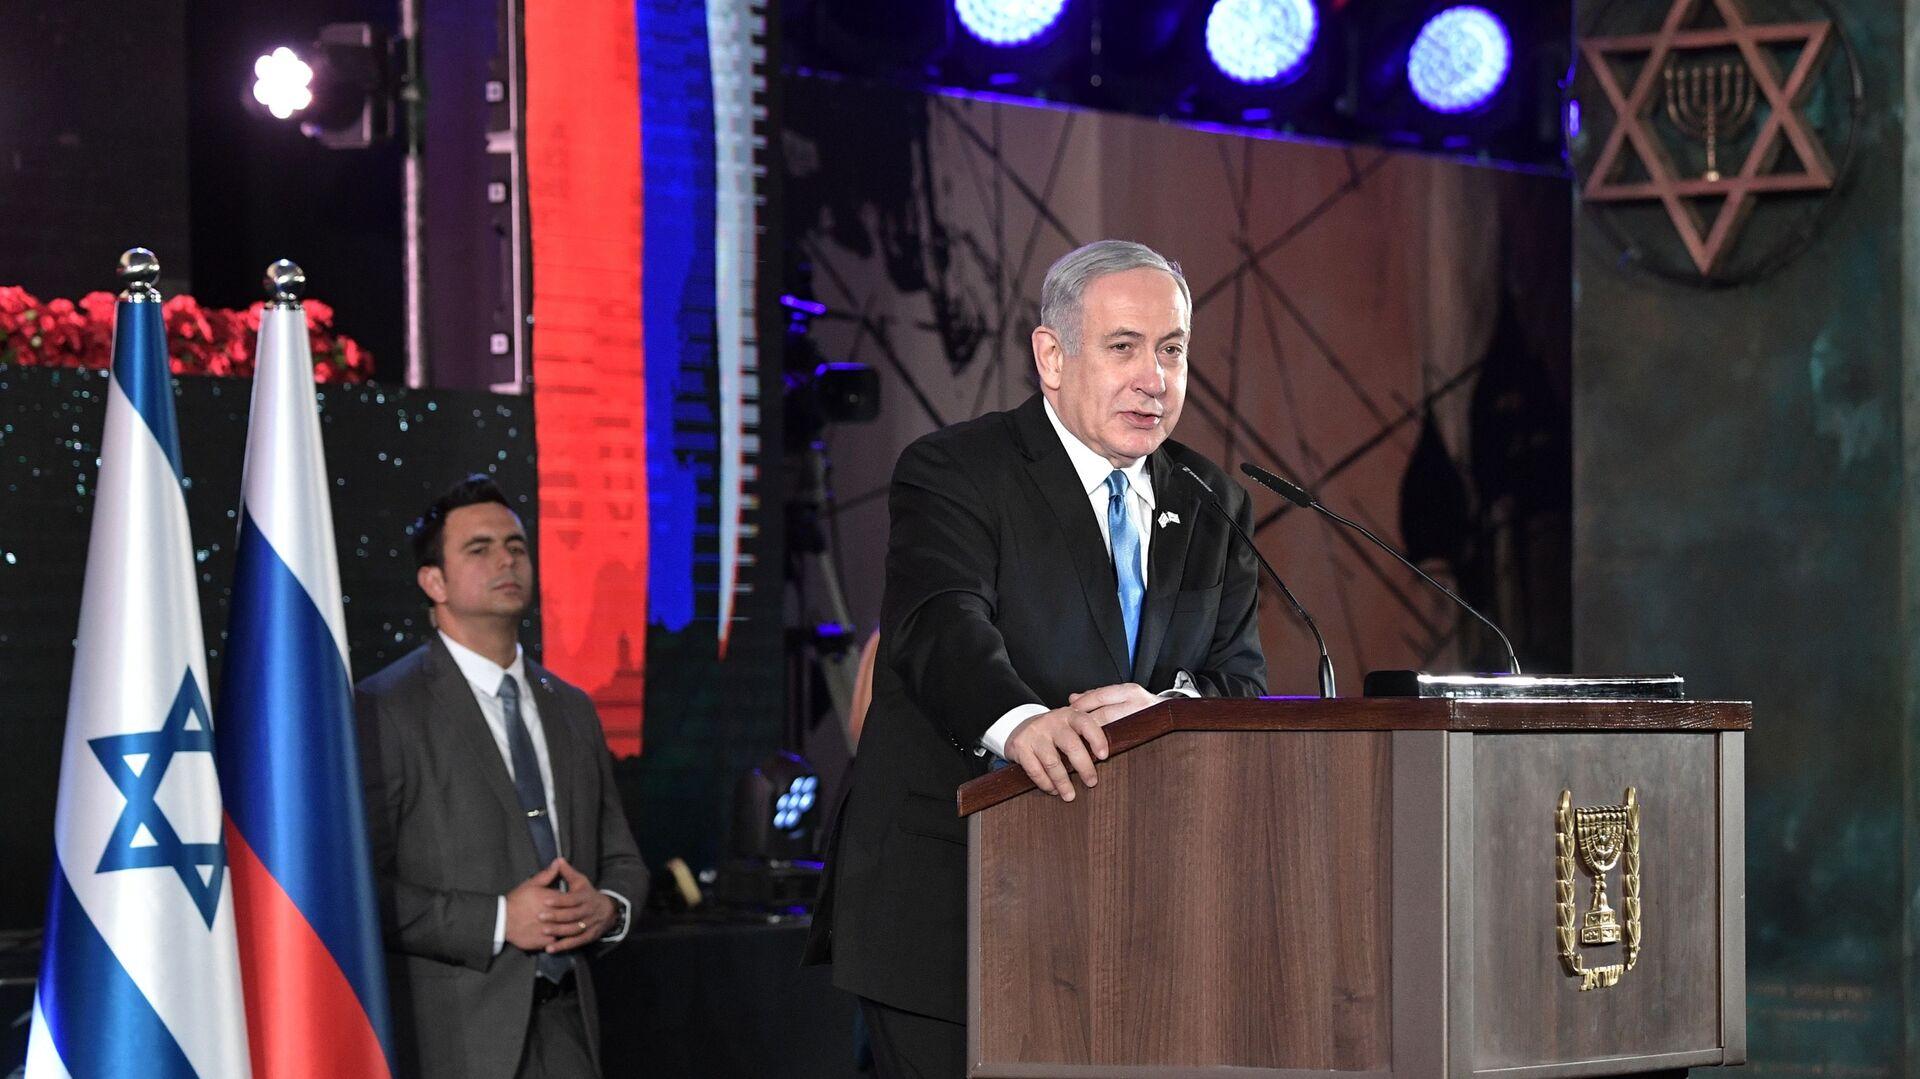 Il primo ministro di Israele Benjamin Netanyahu a Gerusalemme al Forum sull'Olocausto, 23 gennaio 2020 - Sputnik Italia, 1920, 13.05.2021